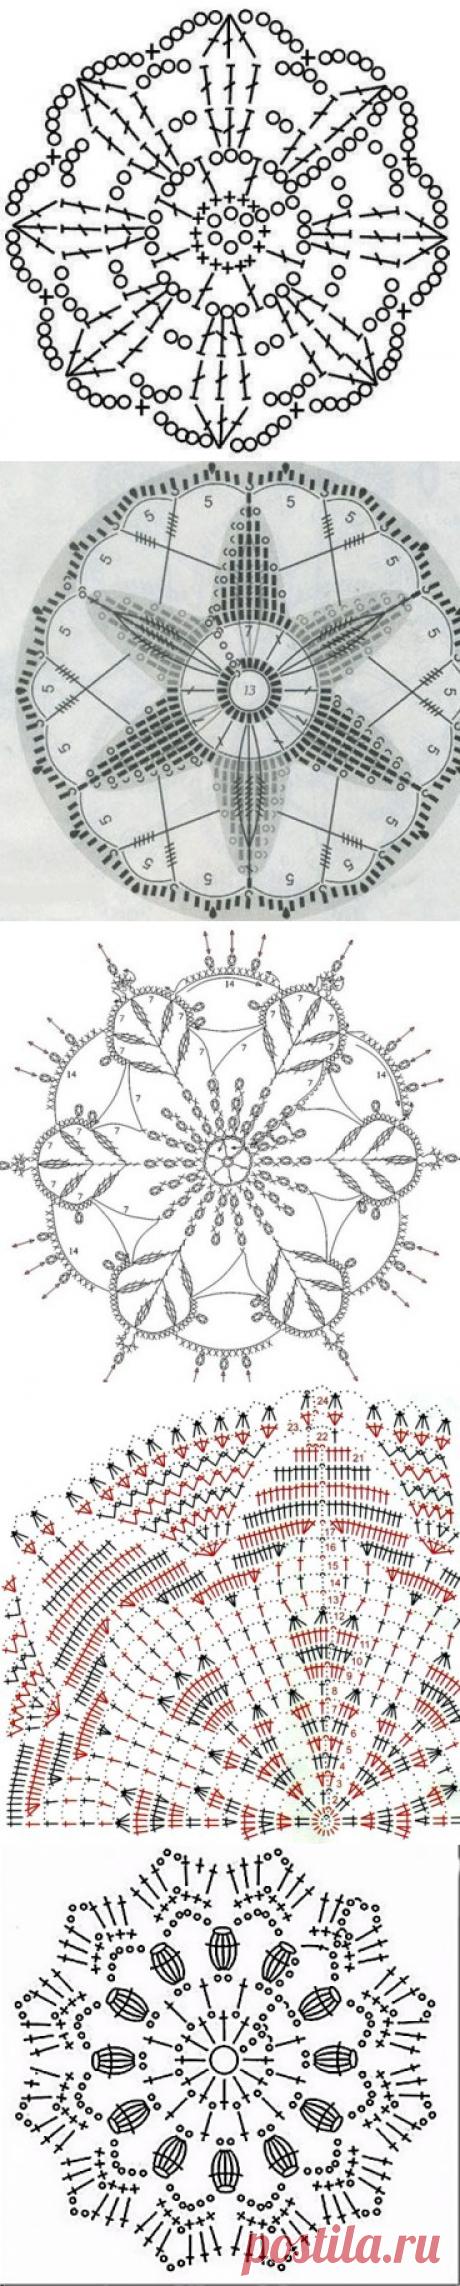 Круглые мотивы крючком по схеме с описанием (Уроки и МК по ВЯЗАНИЮ) — Журнал Вдохновение Рукодельницы